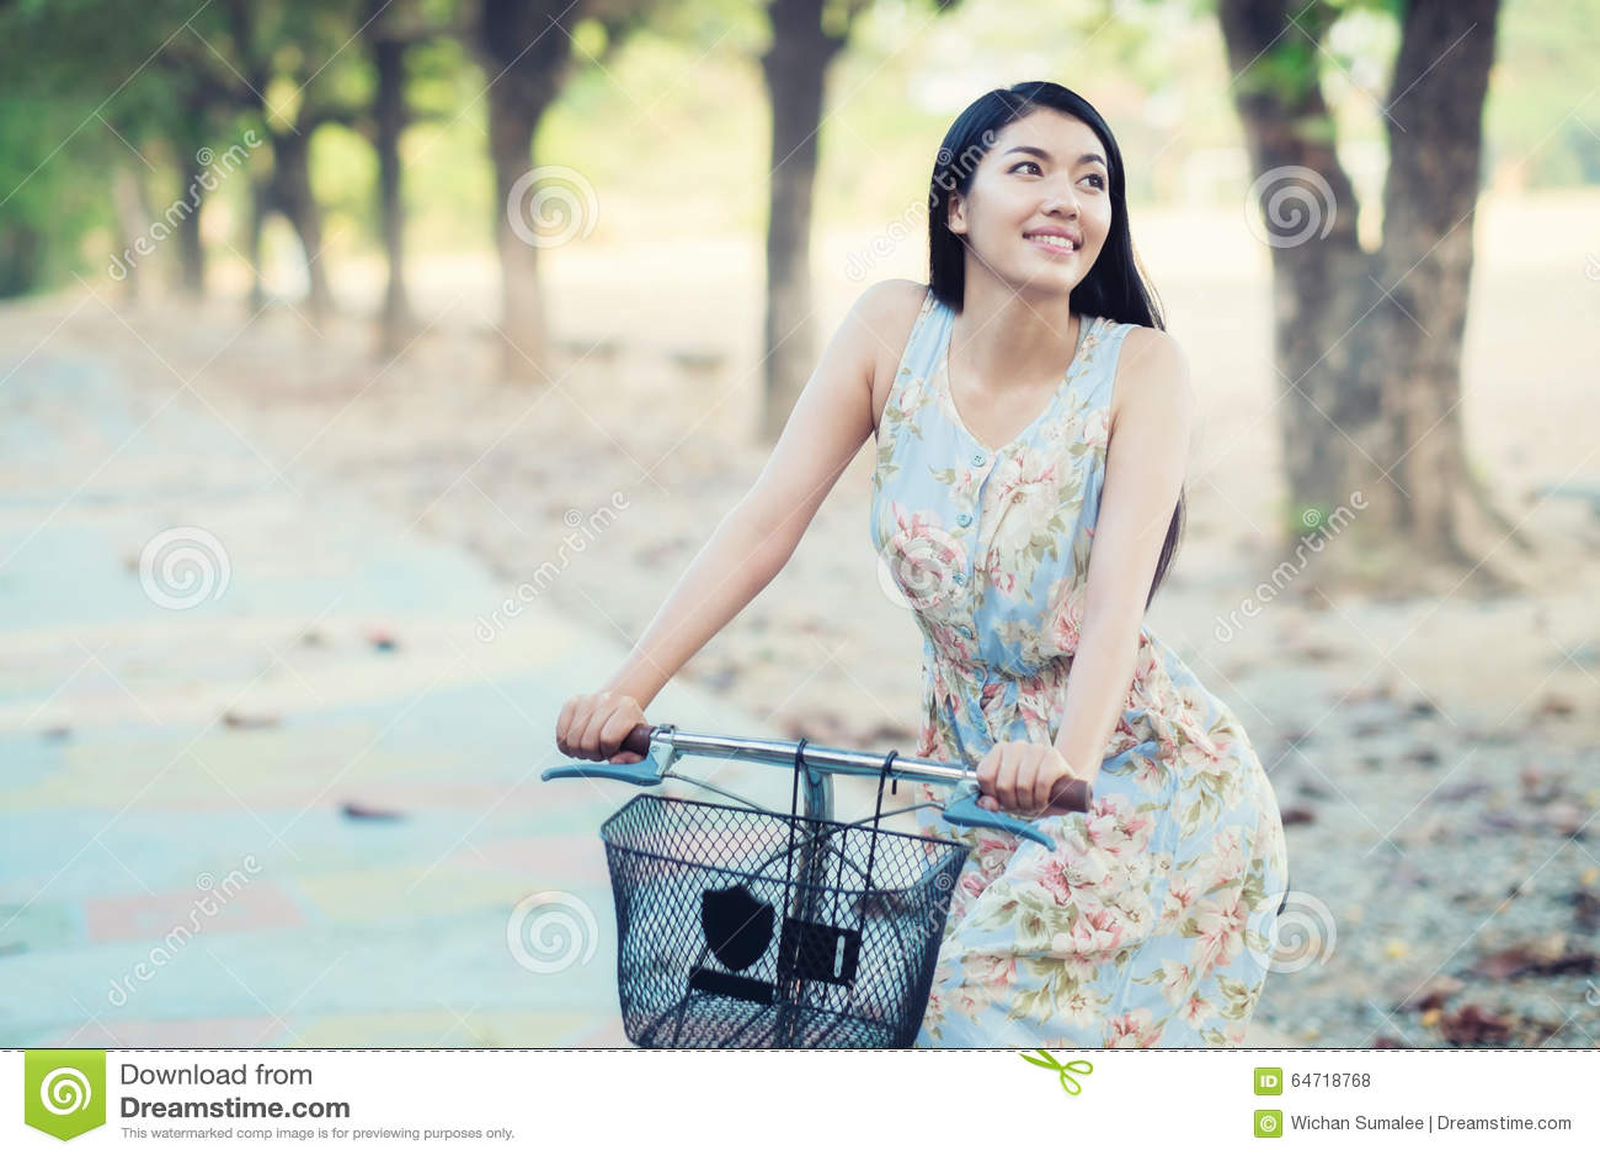 Stile dell annata della bicicletta di guida della donna